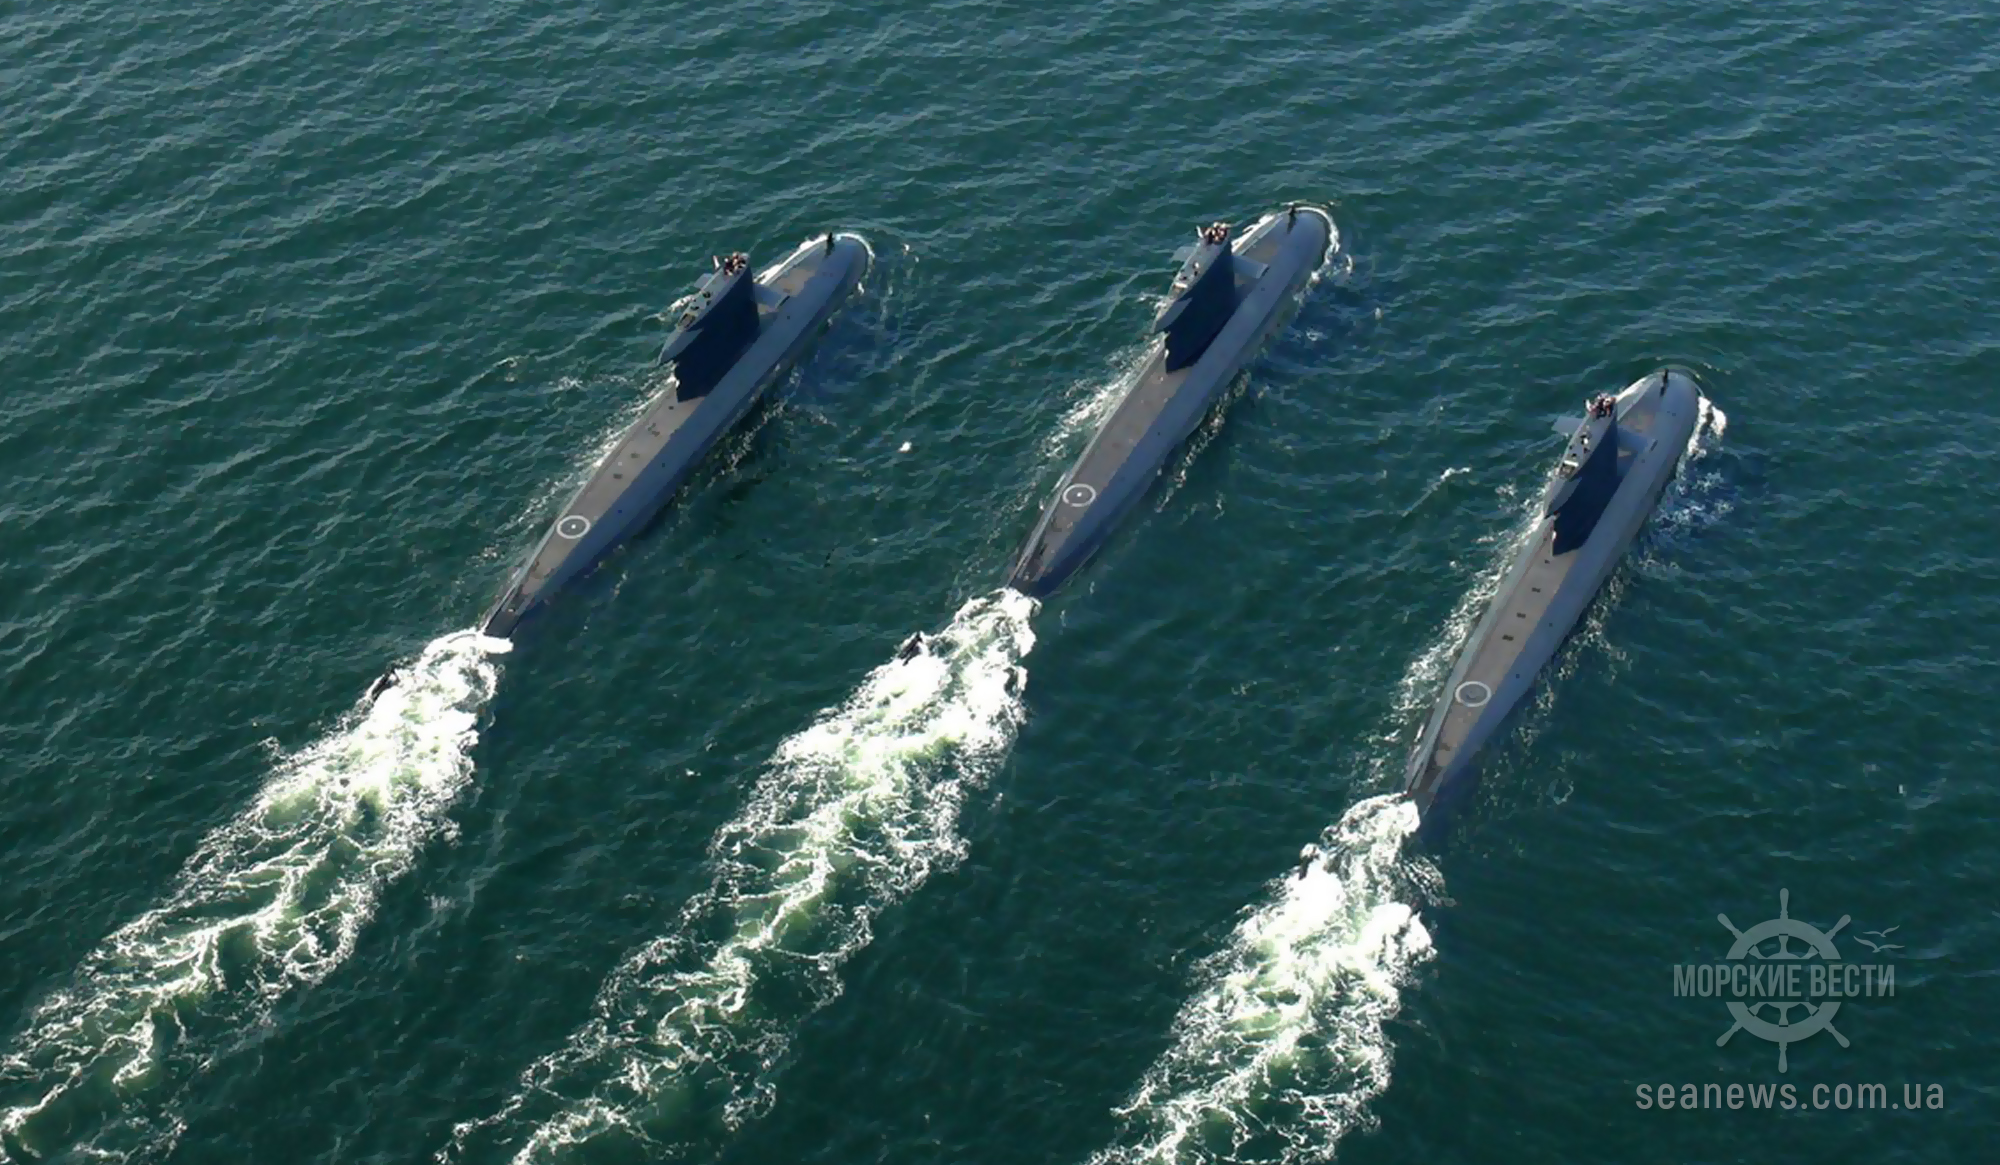 Royal IHC и Breman Machinery договорились о сотрудничестве в деле обновления подводного флота ВМС Нидерландов